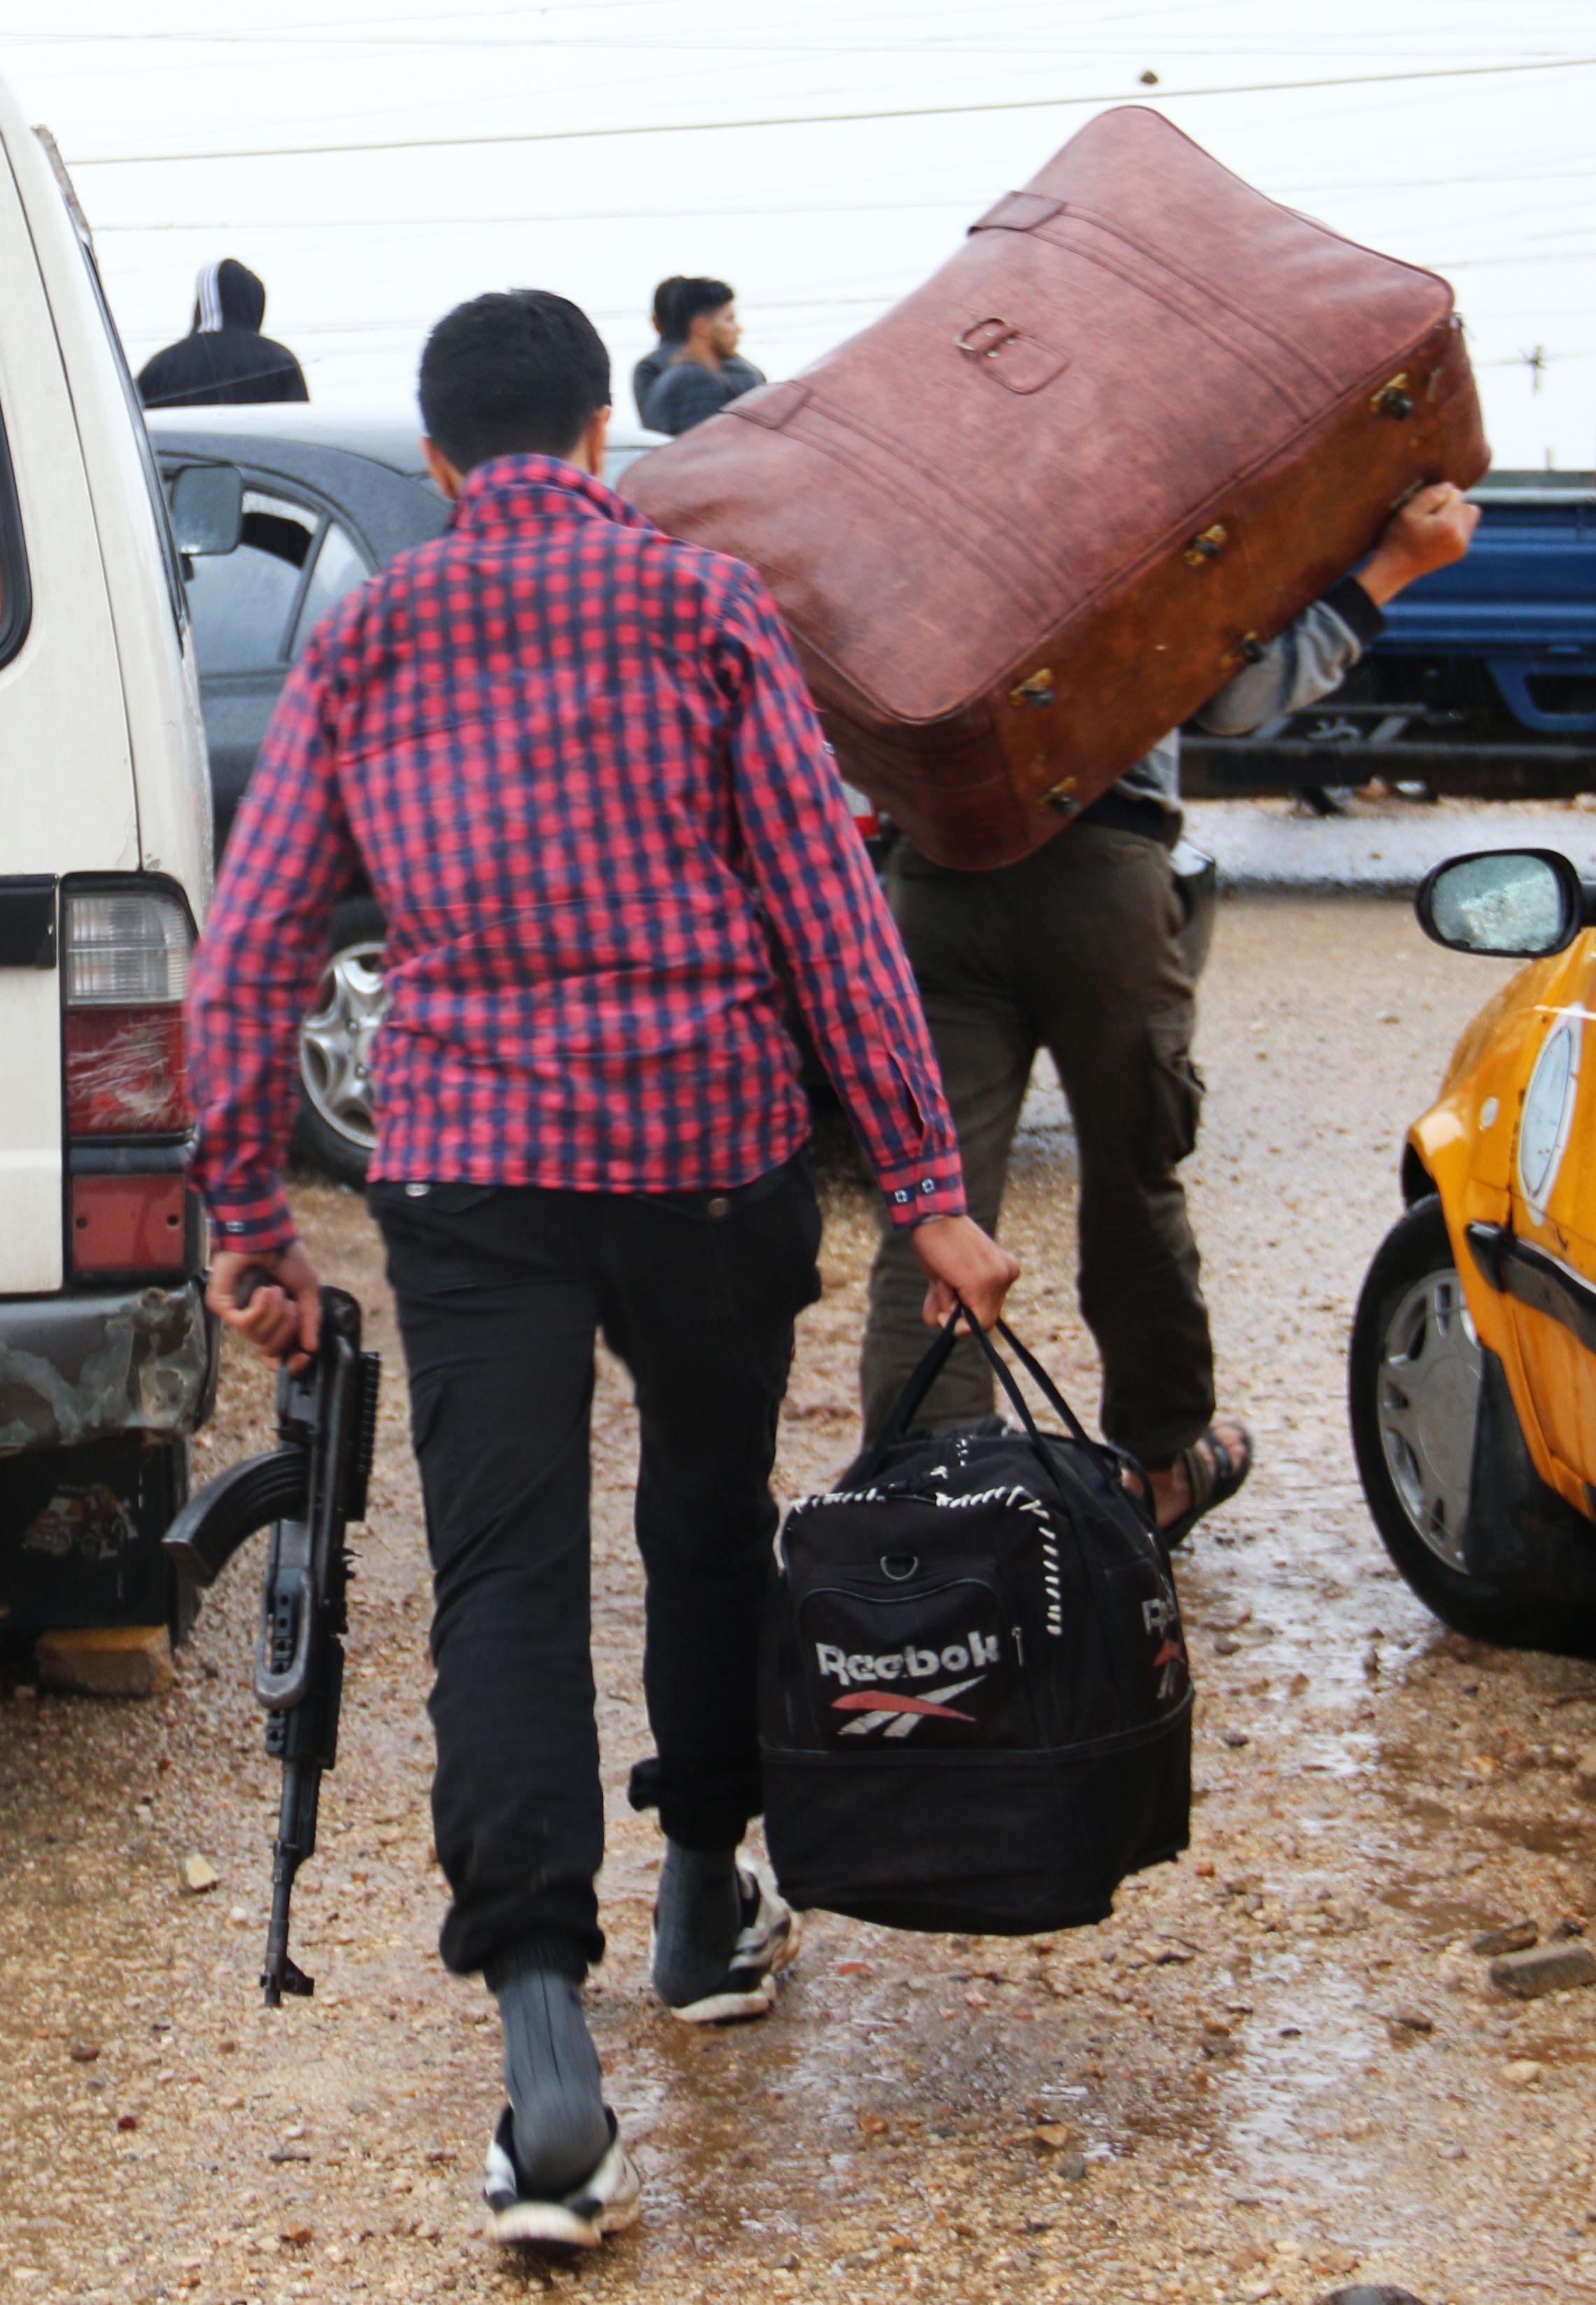 أحد المسلحين يحمل سلاحا وفى طريقه للمغادرة